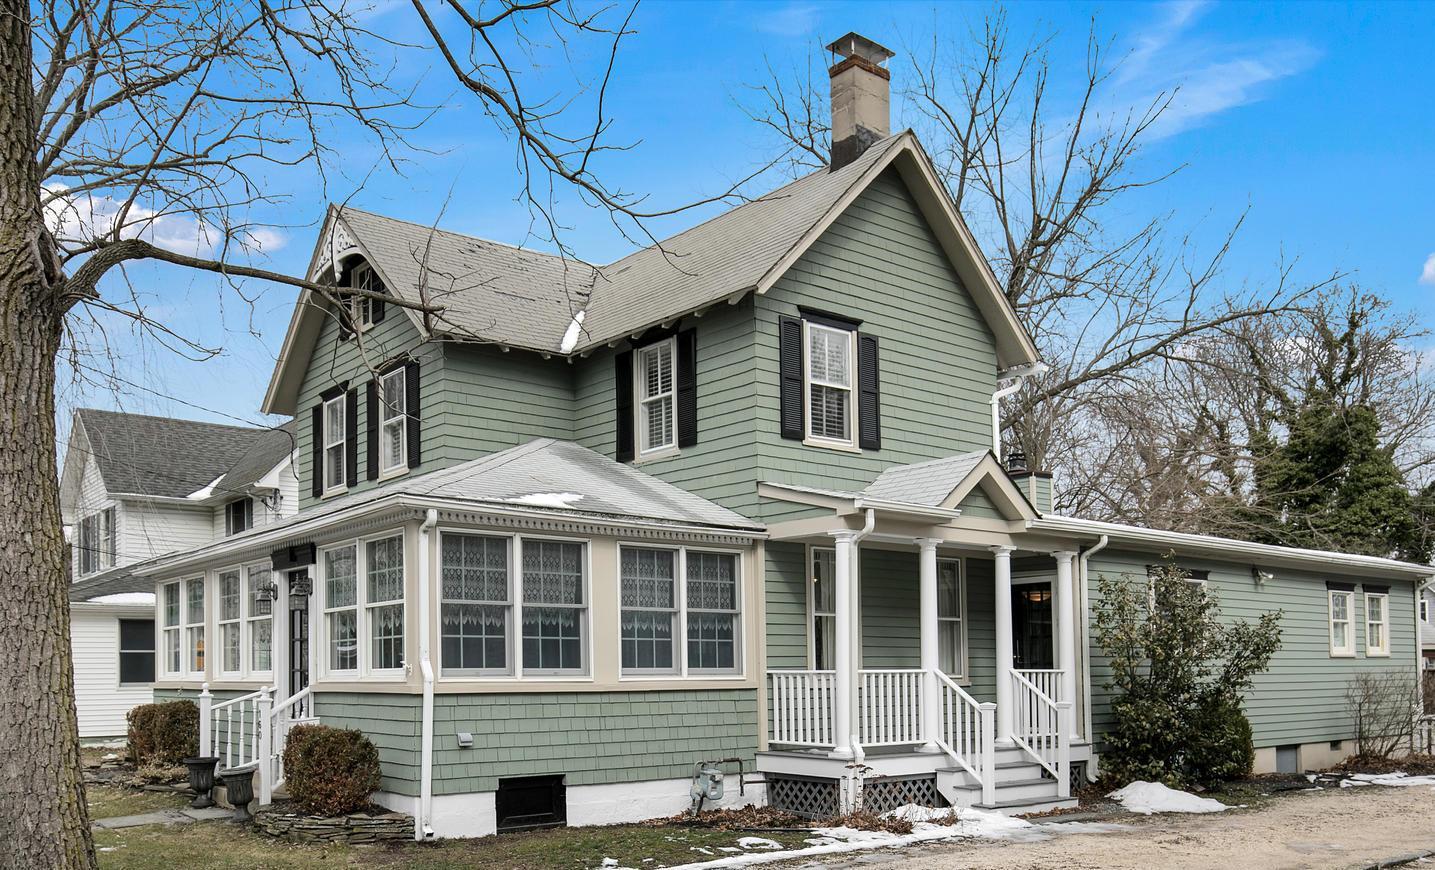 Maison unifamiliale pour l Vente à Impressive Rumson Victorian 160 E. River Rd. Rumson, New Jersey, 07760 États-Unis